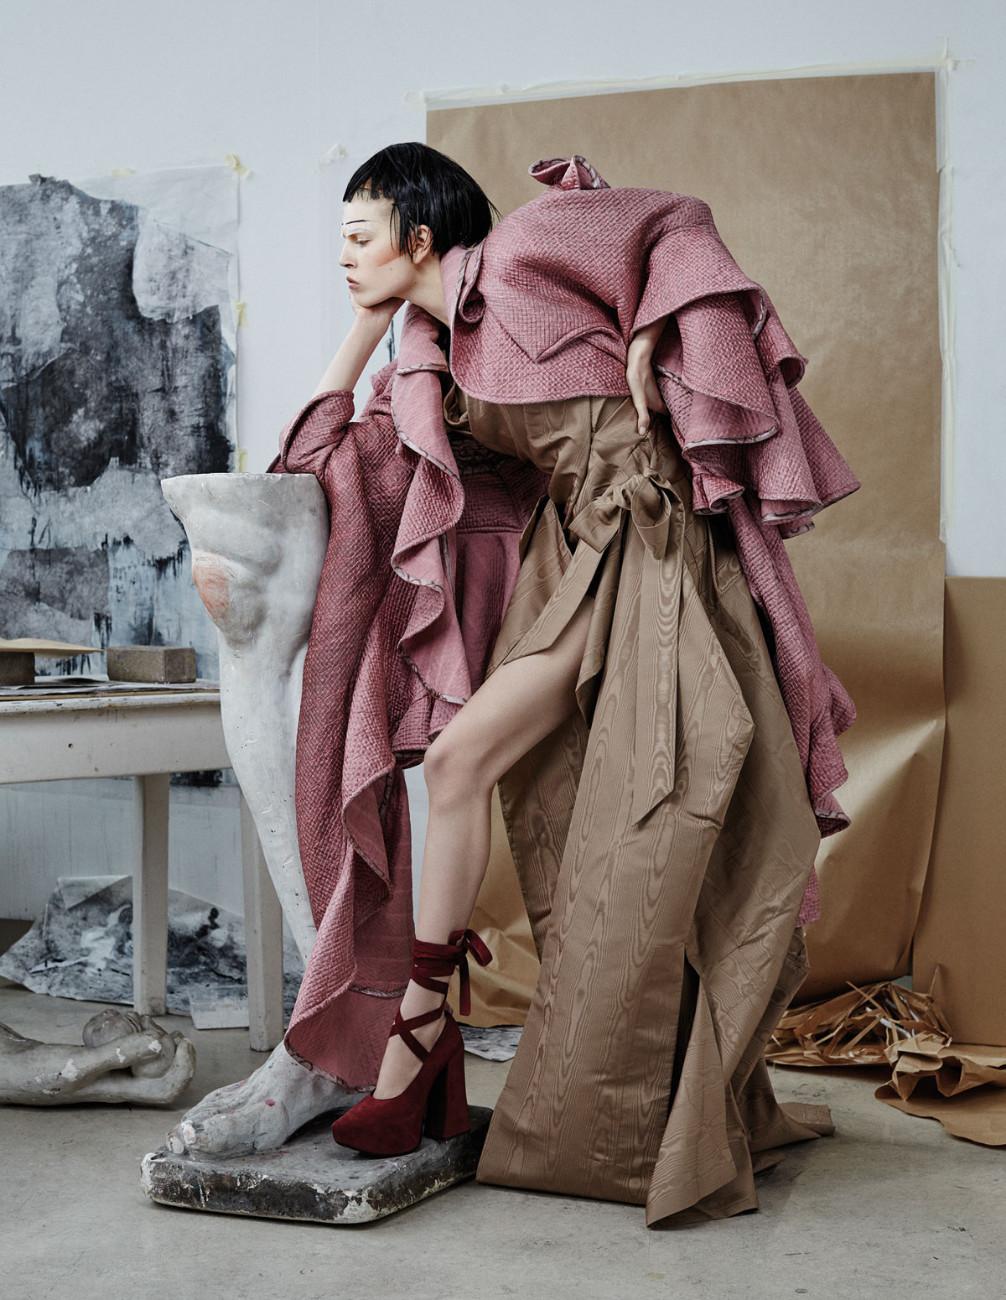 Haute-à-Porter - Vivienne Westwood A/W 15-16 © Photo René Habermacher, Modemuseum Hasselt